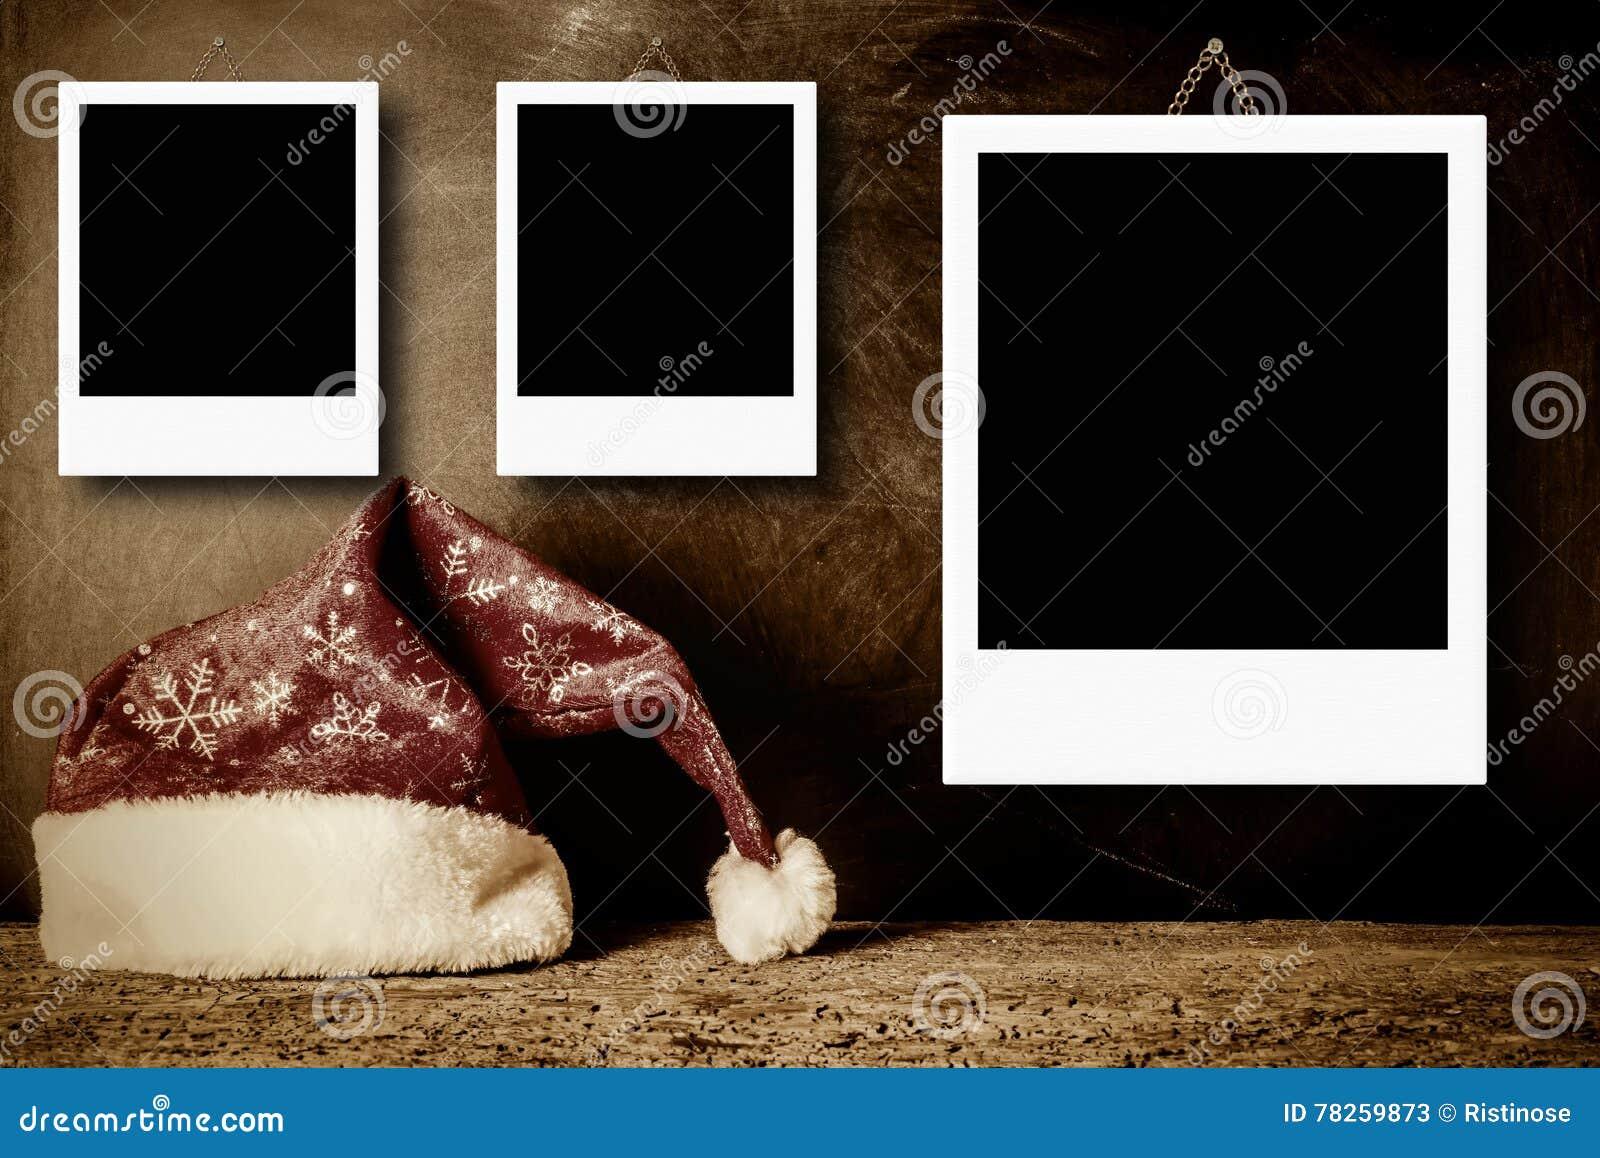 Πλαίσια φωτογραφιών Χριστουγέννων για τρεις φωτογραφίες